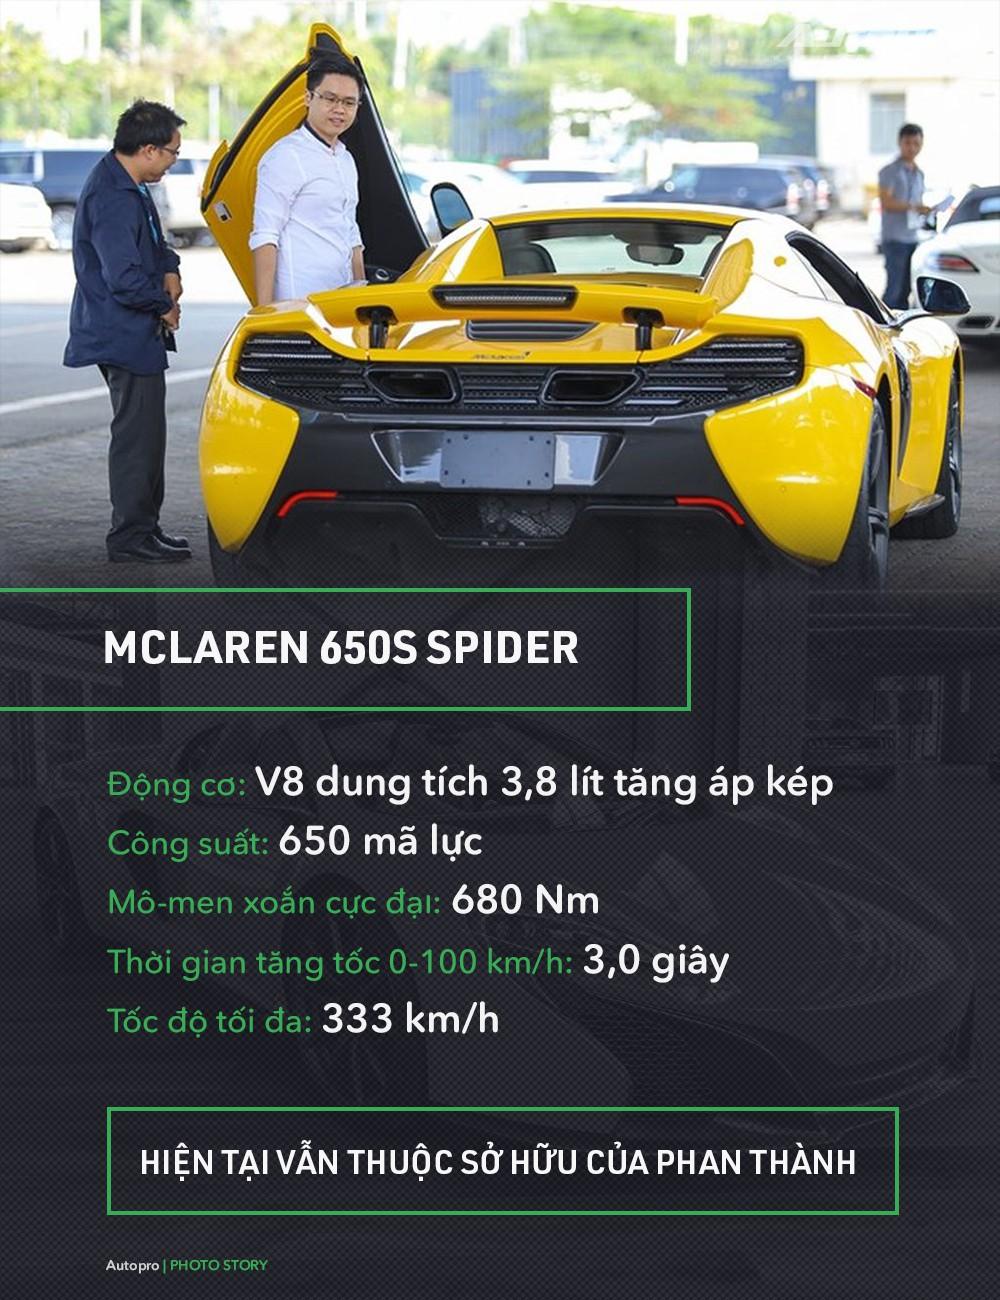 Trước Maybach S450, Phan Thành từng mạnh tay mua những mẫu xe khủng nào? - Ảnh 4.